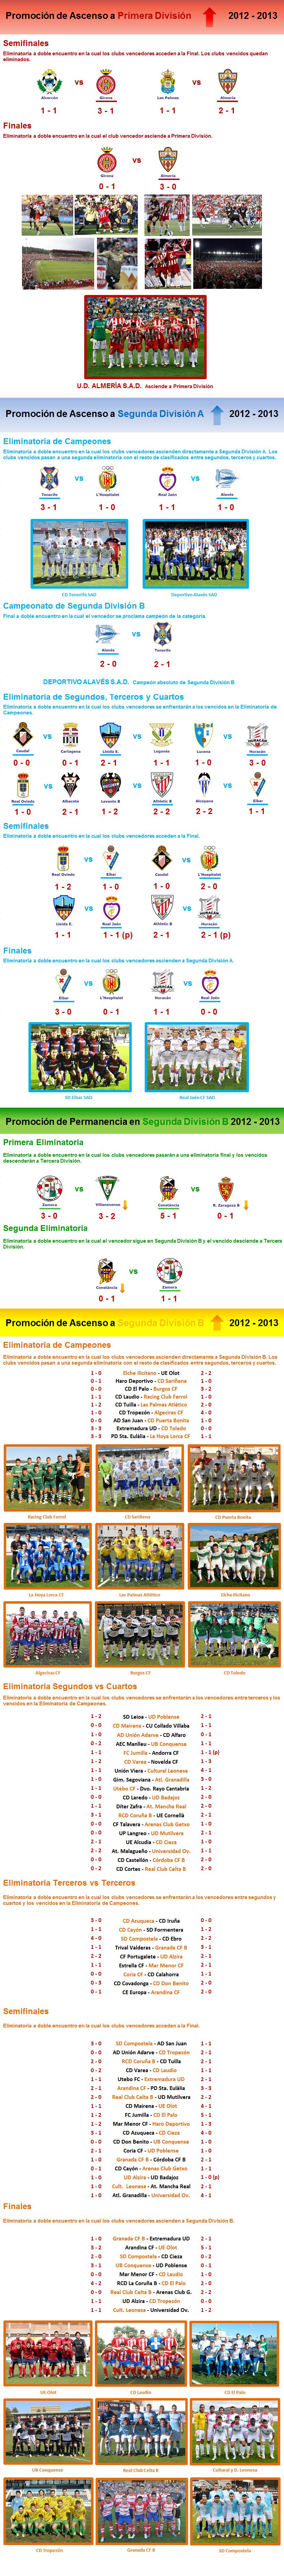 Play Off ascenso y permanencia 2012-2013